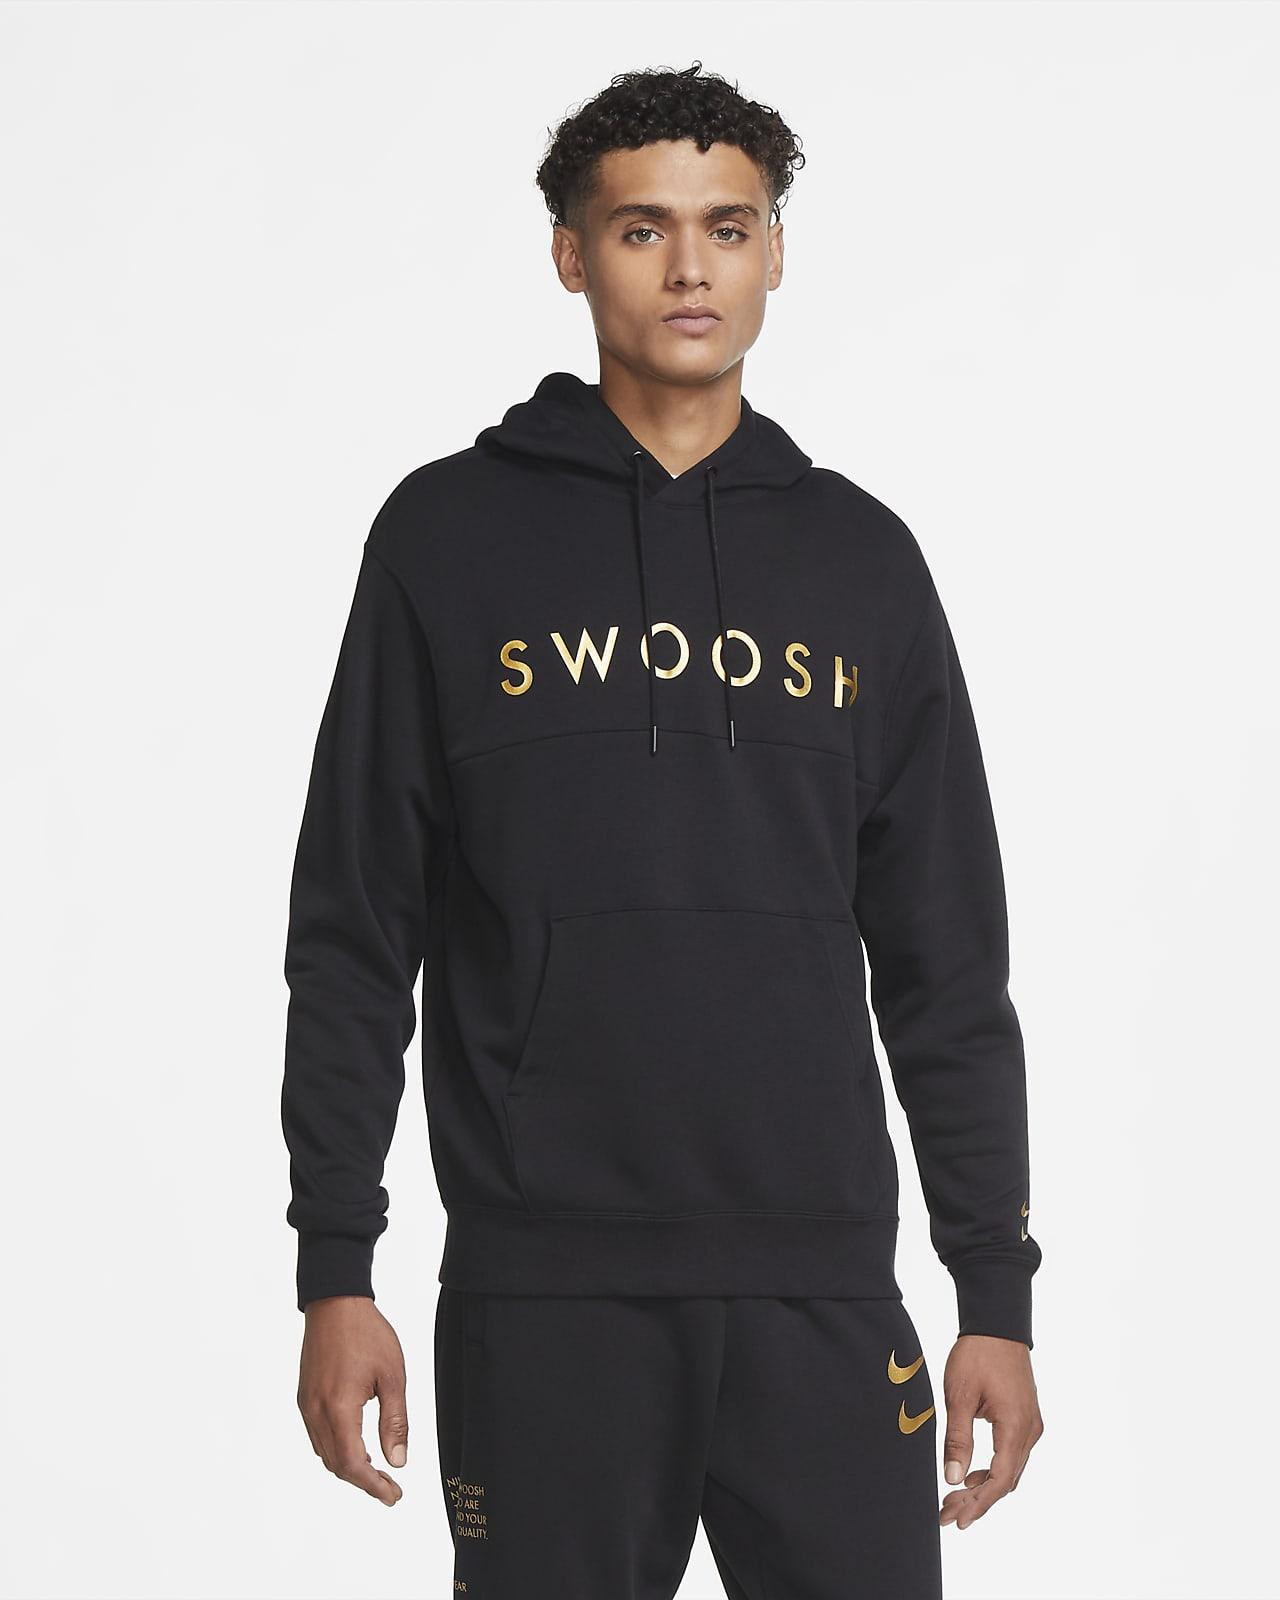 Nike Sportswear Swoosh Sudadera con capucha - Hombre